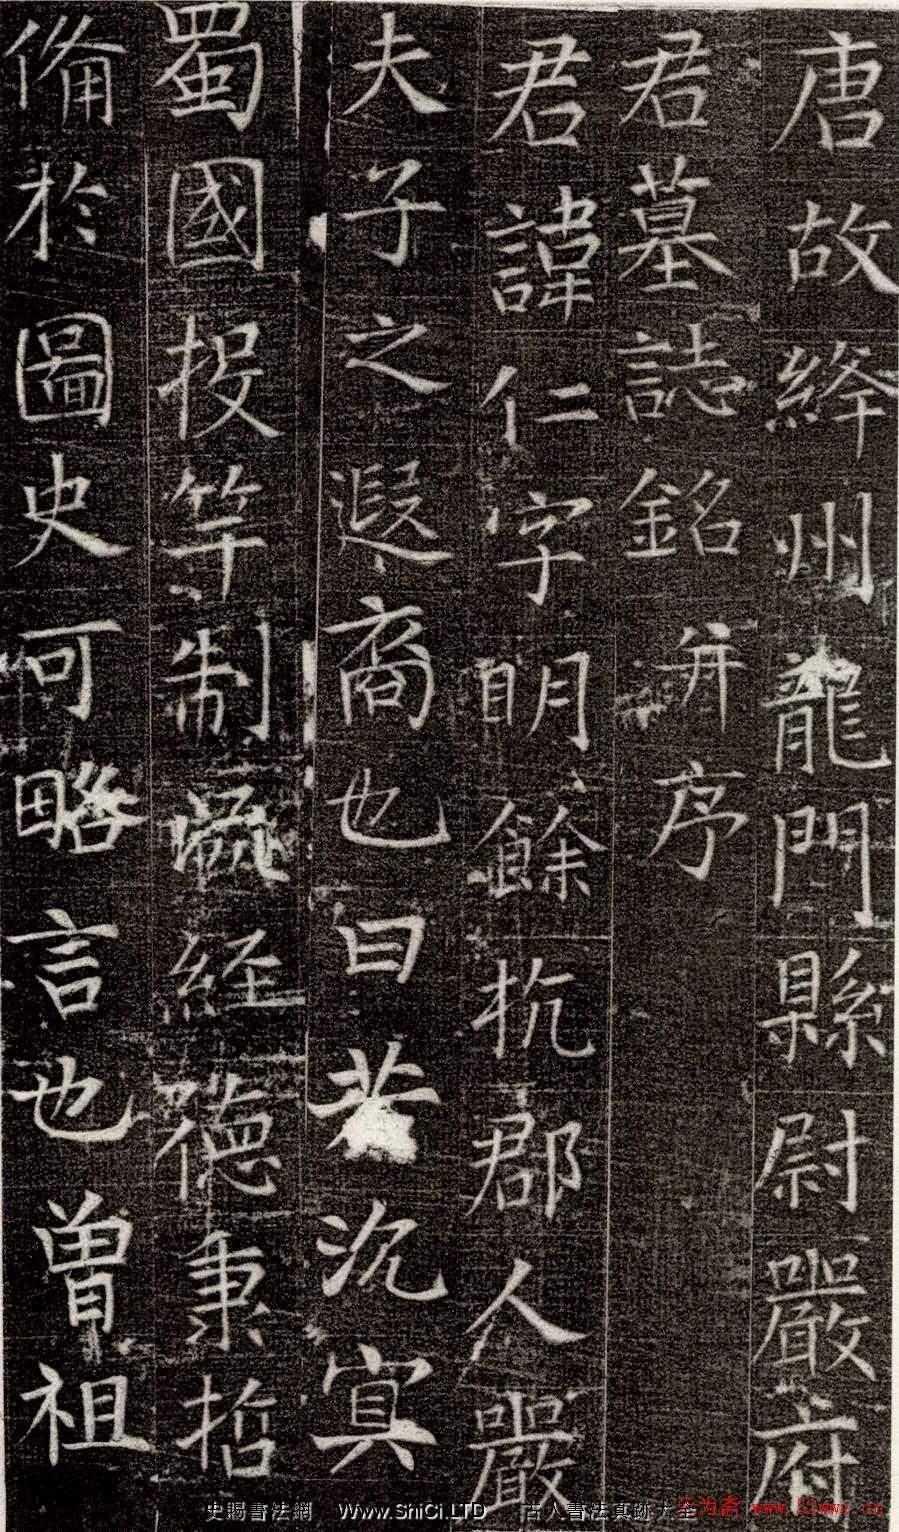 張旭書法楷書真跡欣賞《嚴仁墓誌》(共4張圖片)